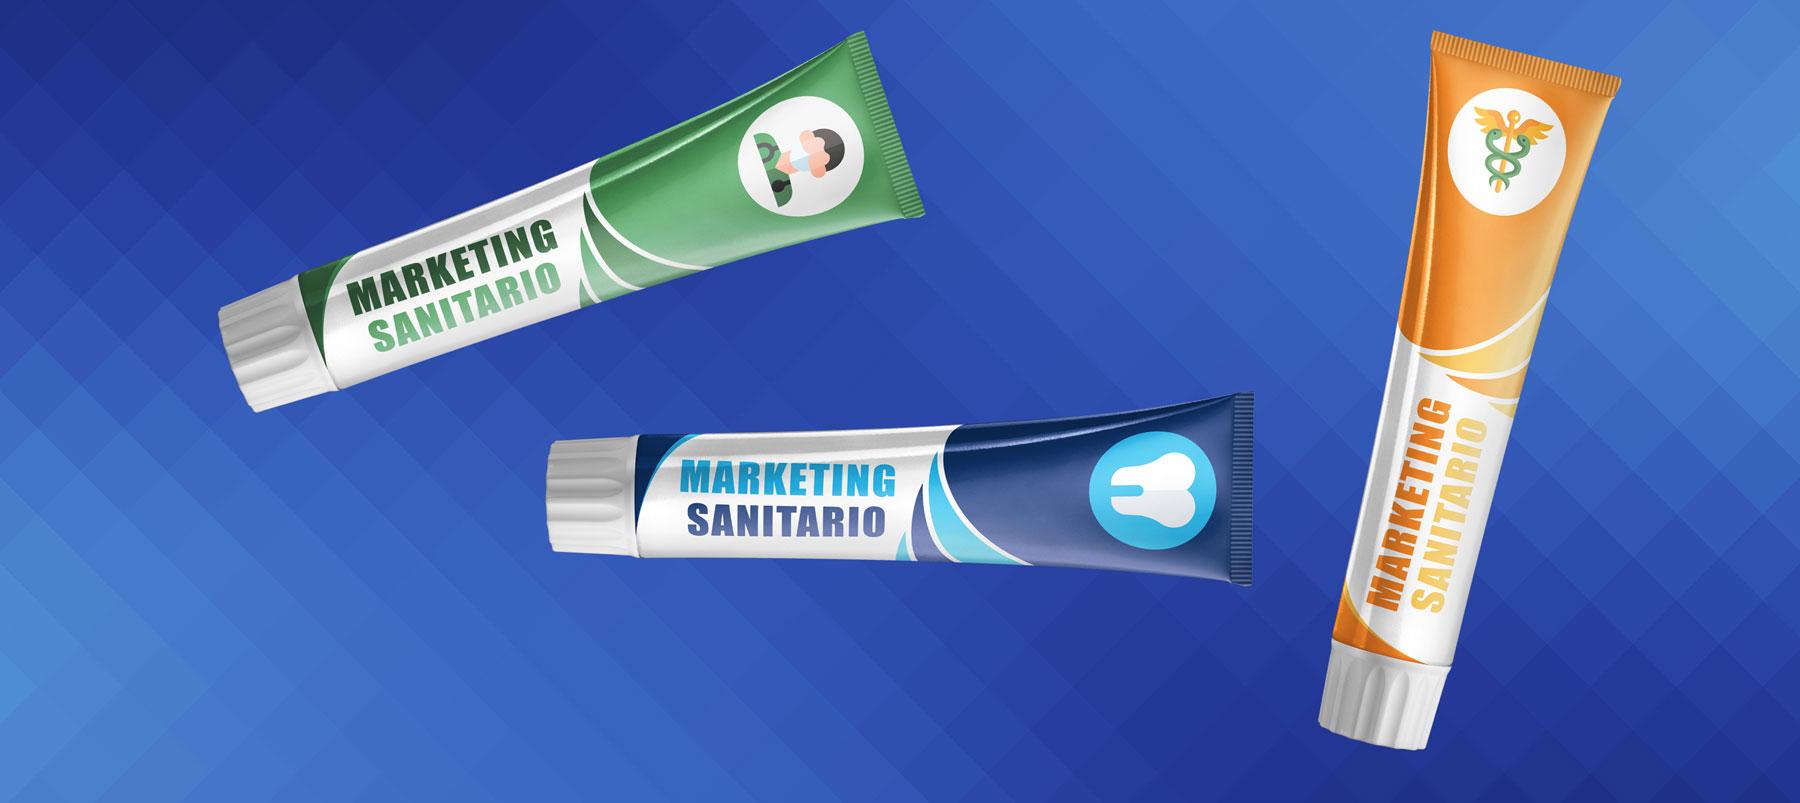 branding-seo-marketing-creazione-siti-web-pavia-milano-design-progettazione-grafica-geofelix-100